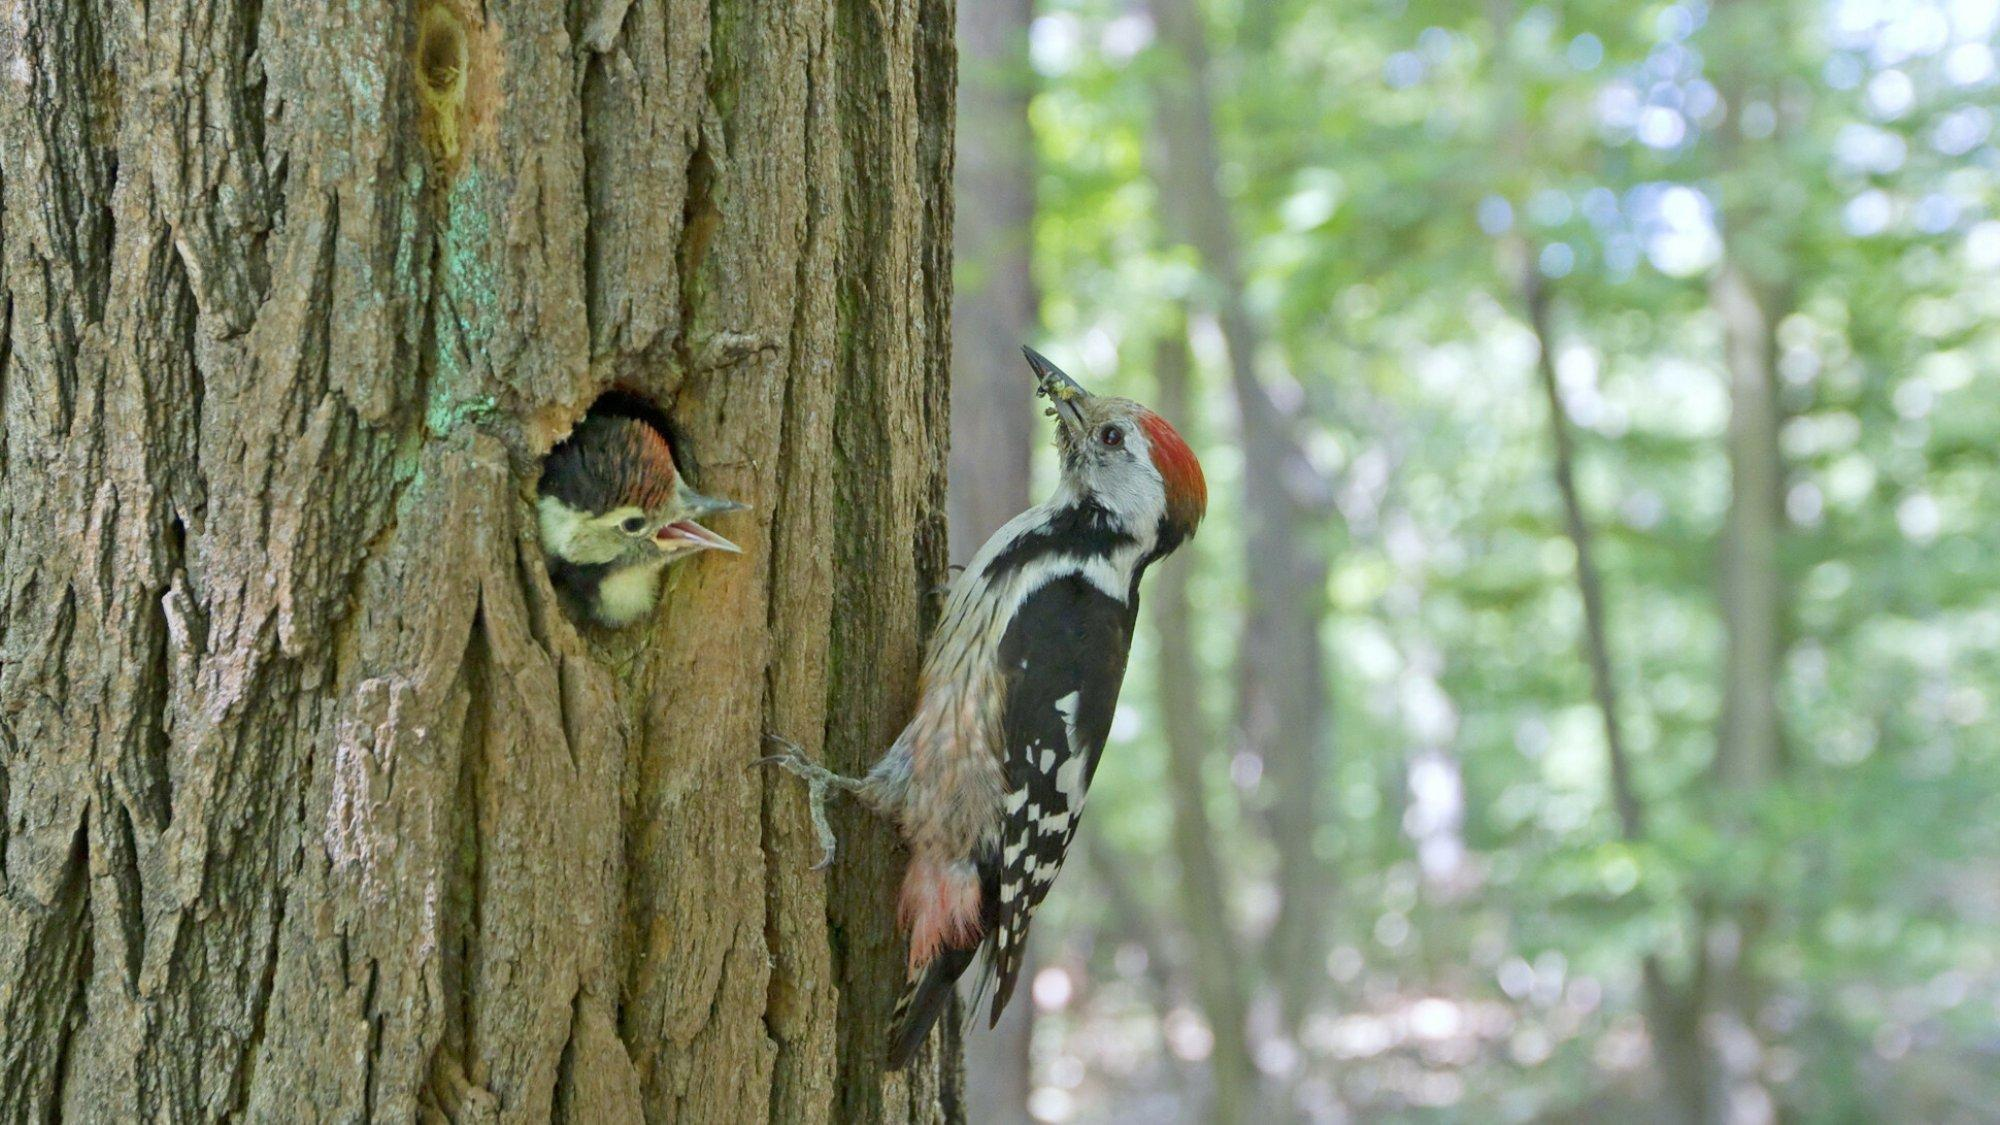 Ein Mittelspecht bringt Futter zu seiner NIsthöhle, aus der ein Jungtier schaut.